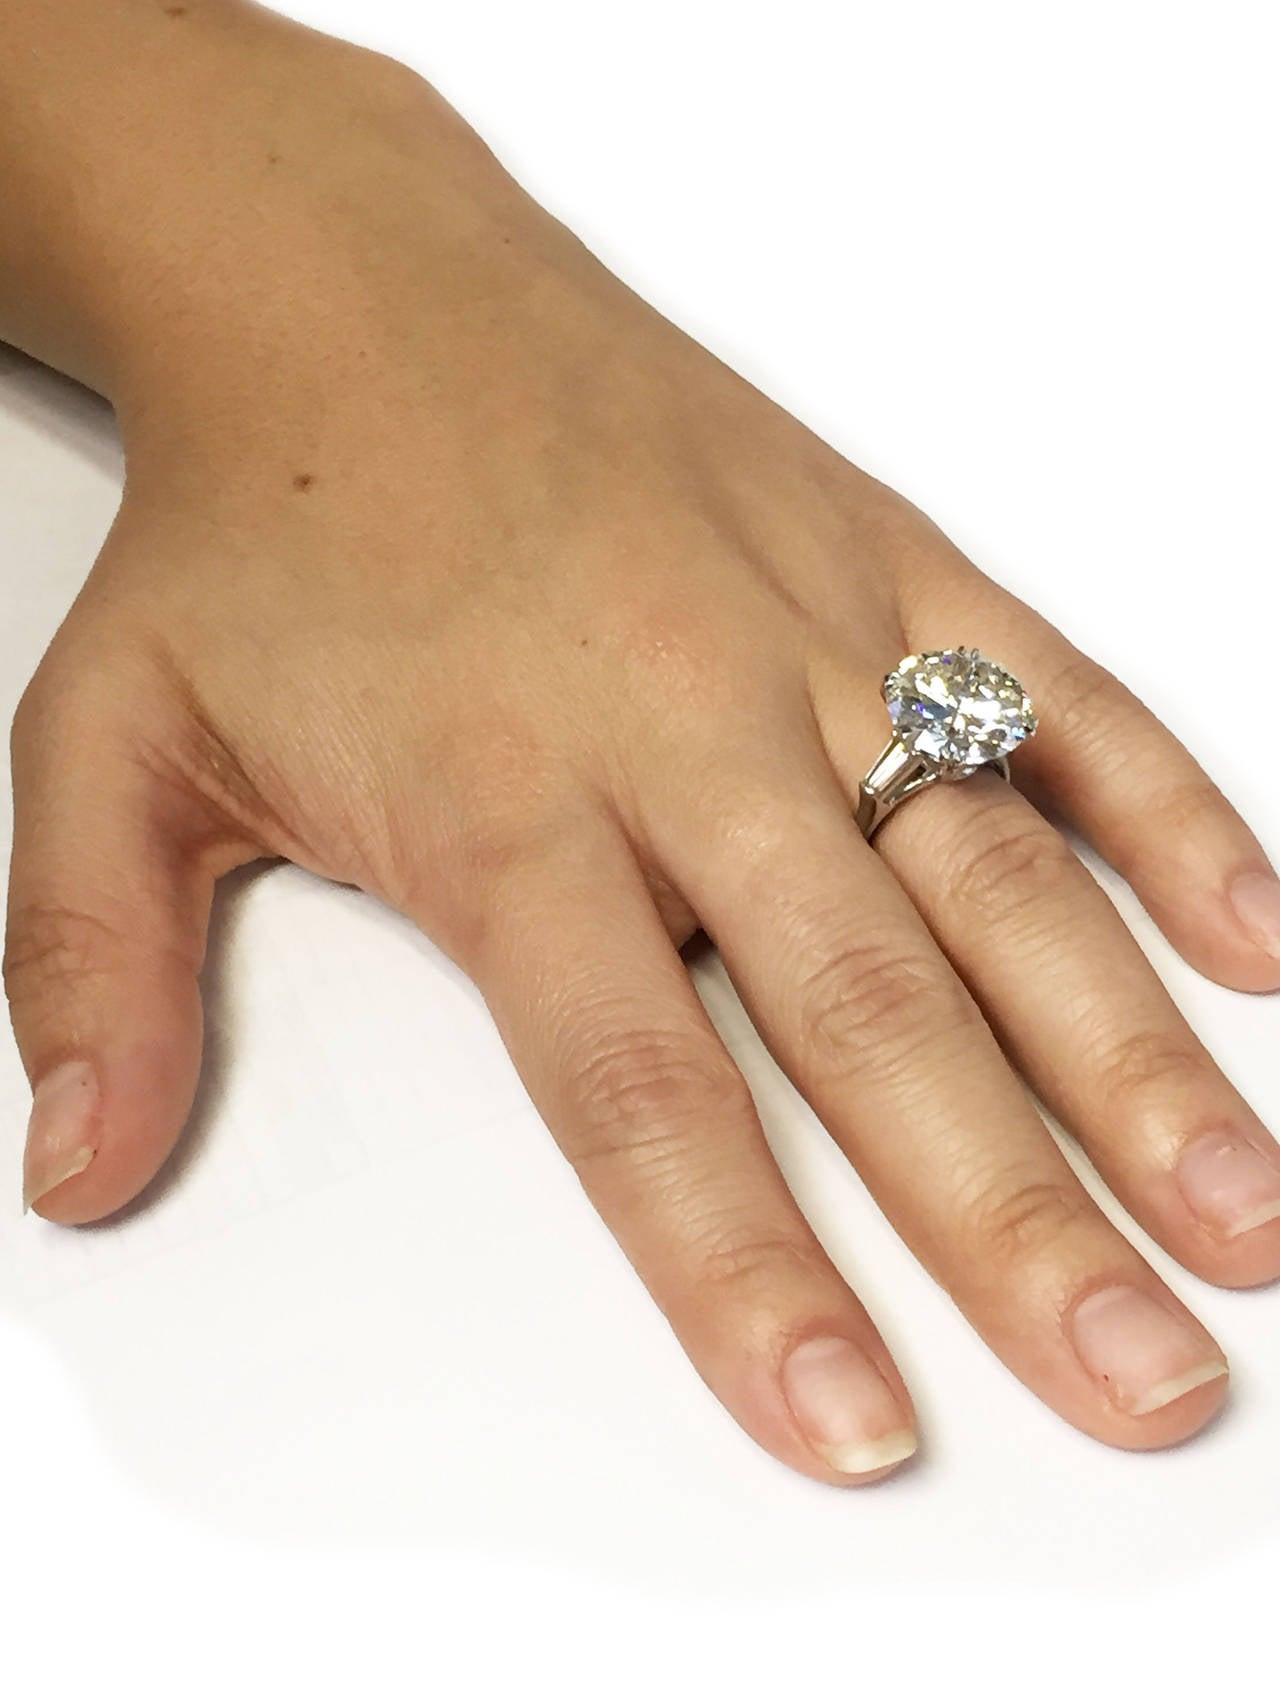 Carat Diamond Ring Price